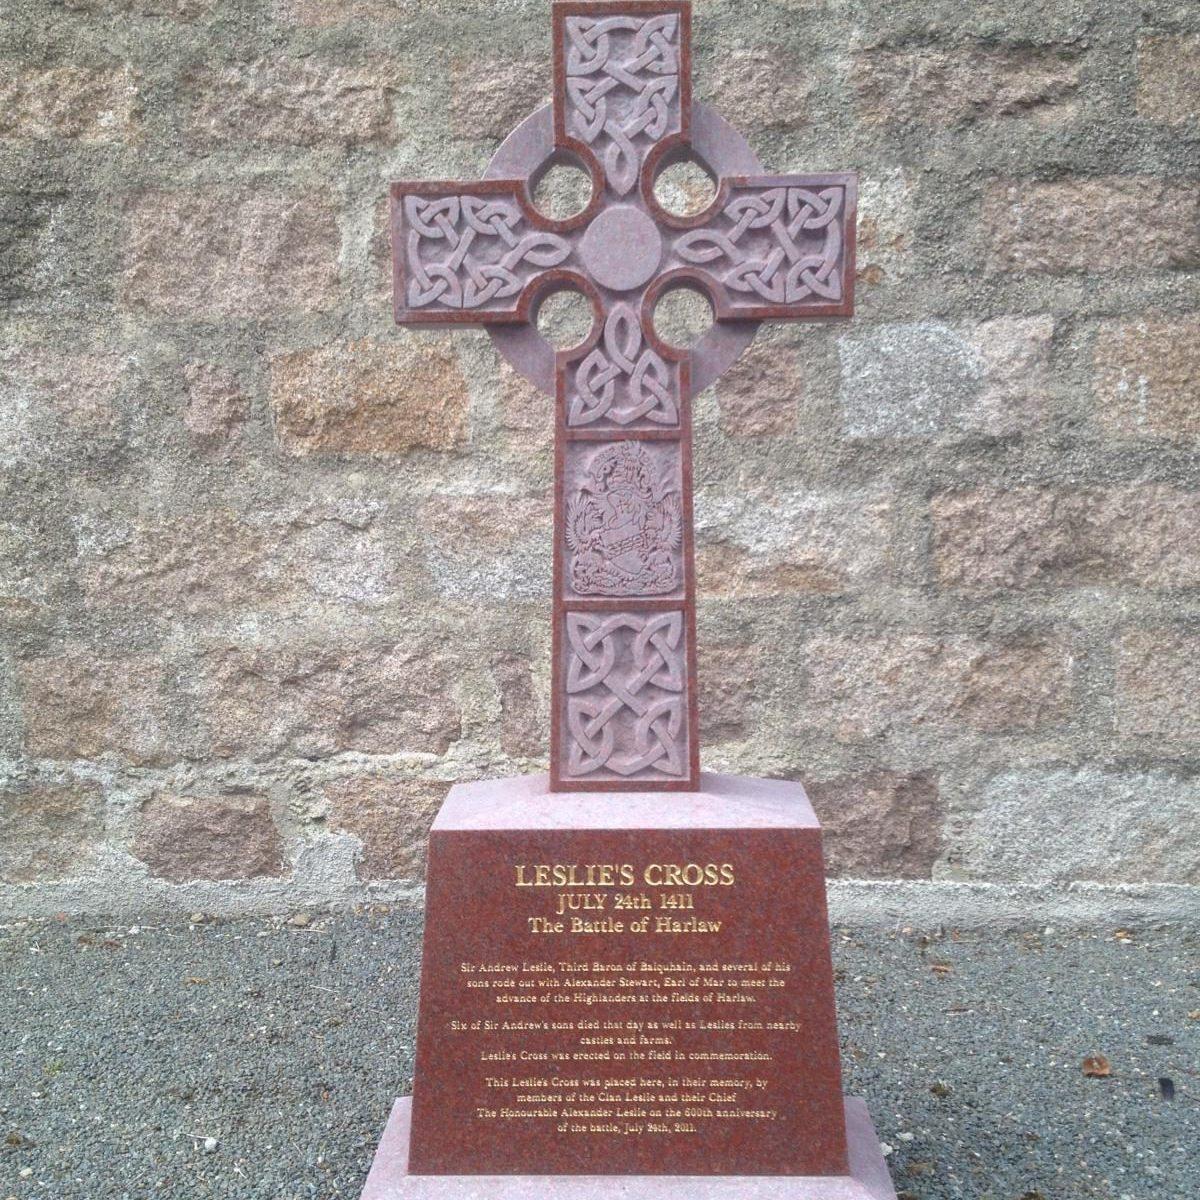 Leslie's Cross